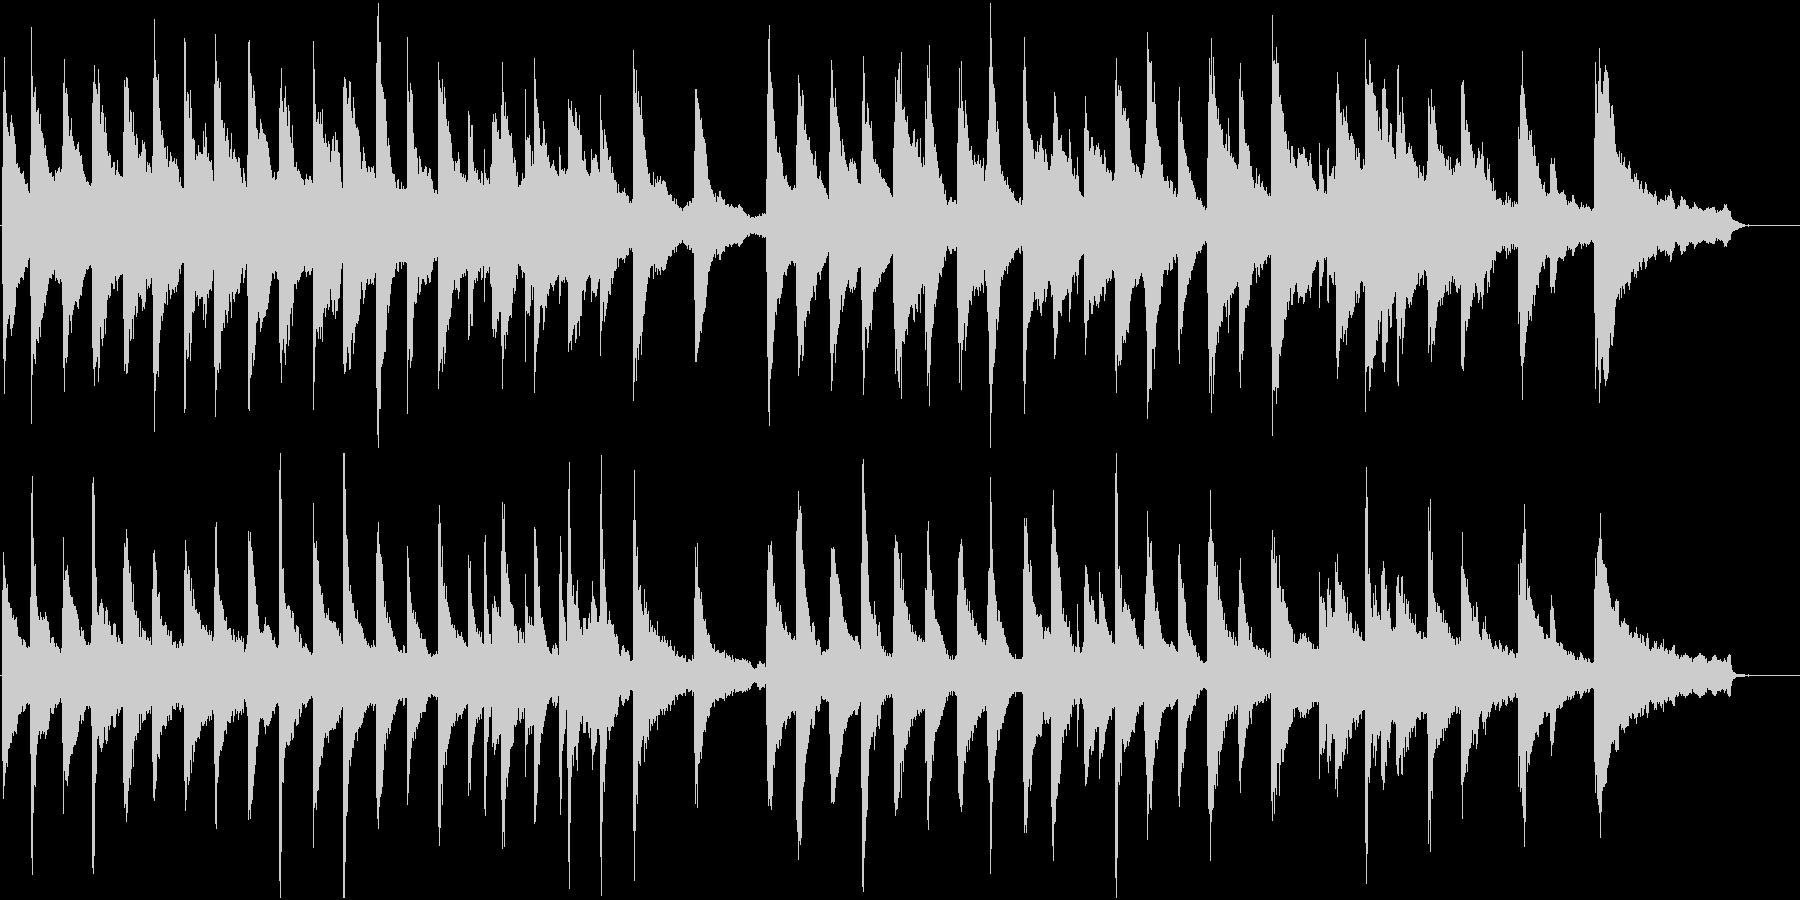 静けさを表すピアノ曲。静かな森のイメージの未再生の波形